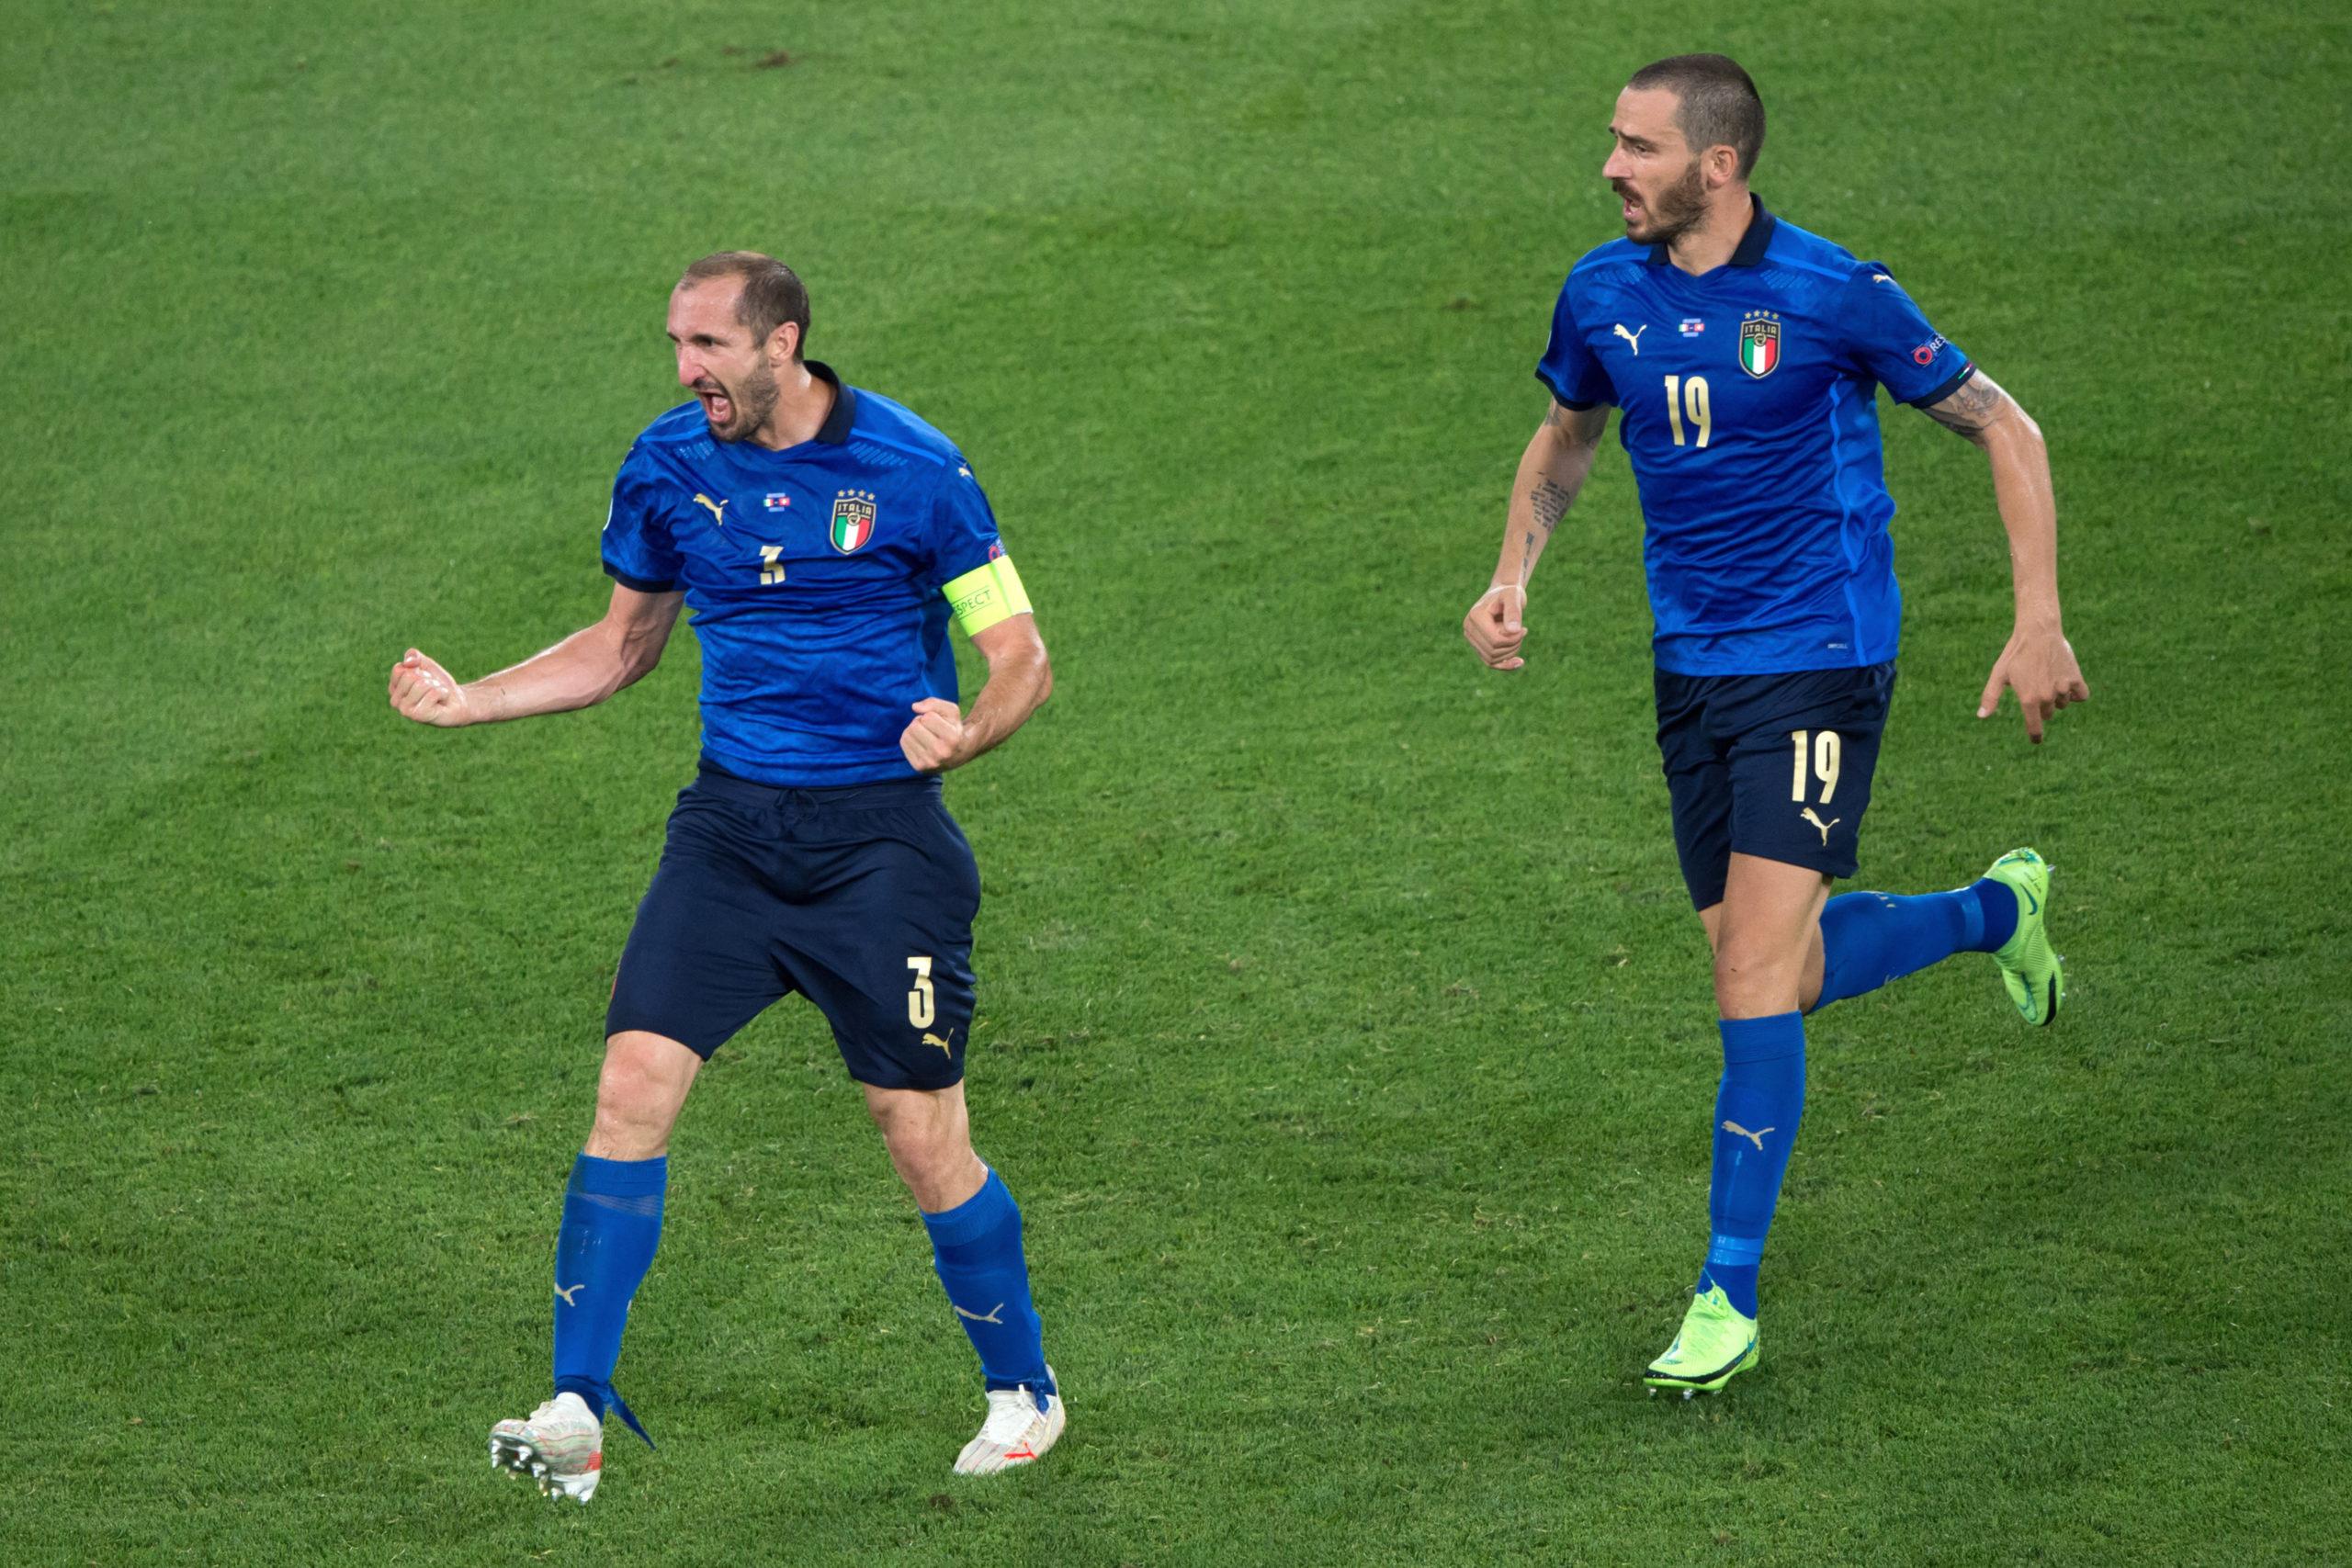 Trung vệ Chiellini đánh giá cao về tài năng của đội trưởng đội tuyển Anh - Harry Kane